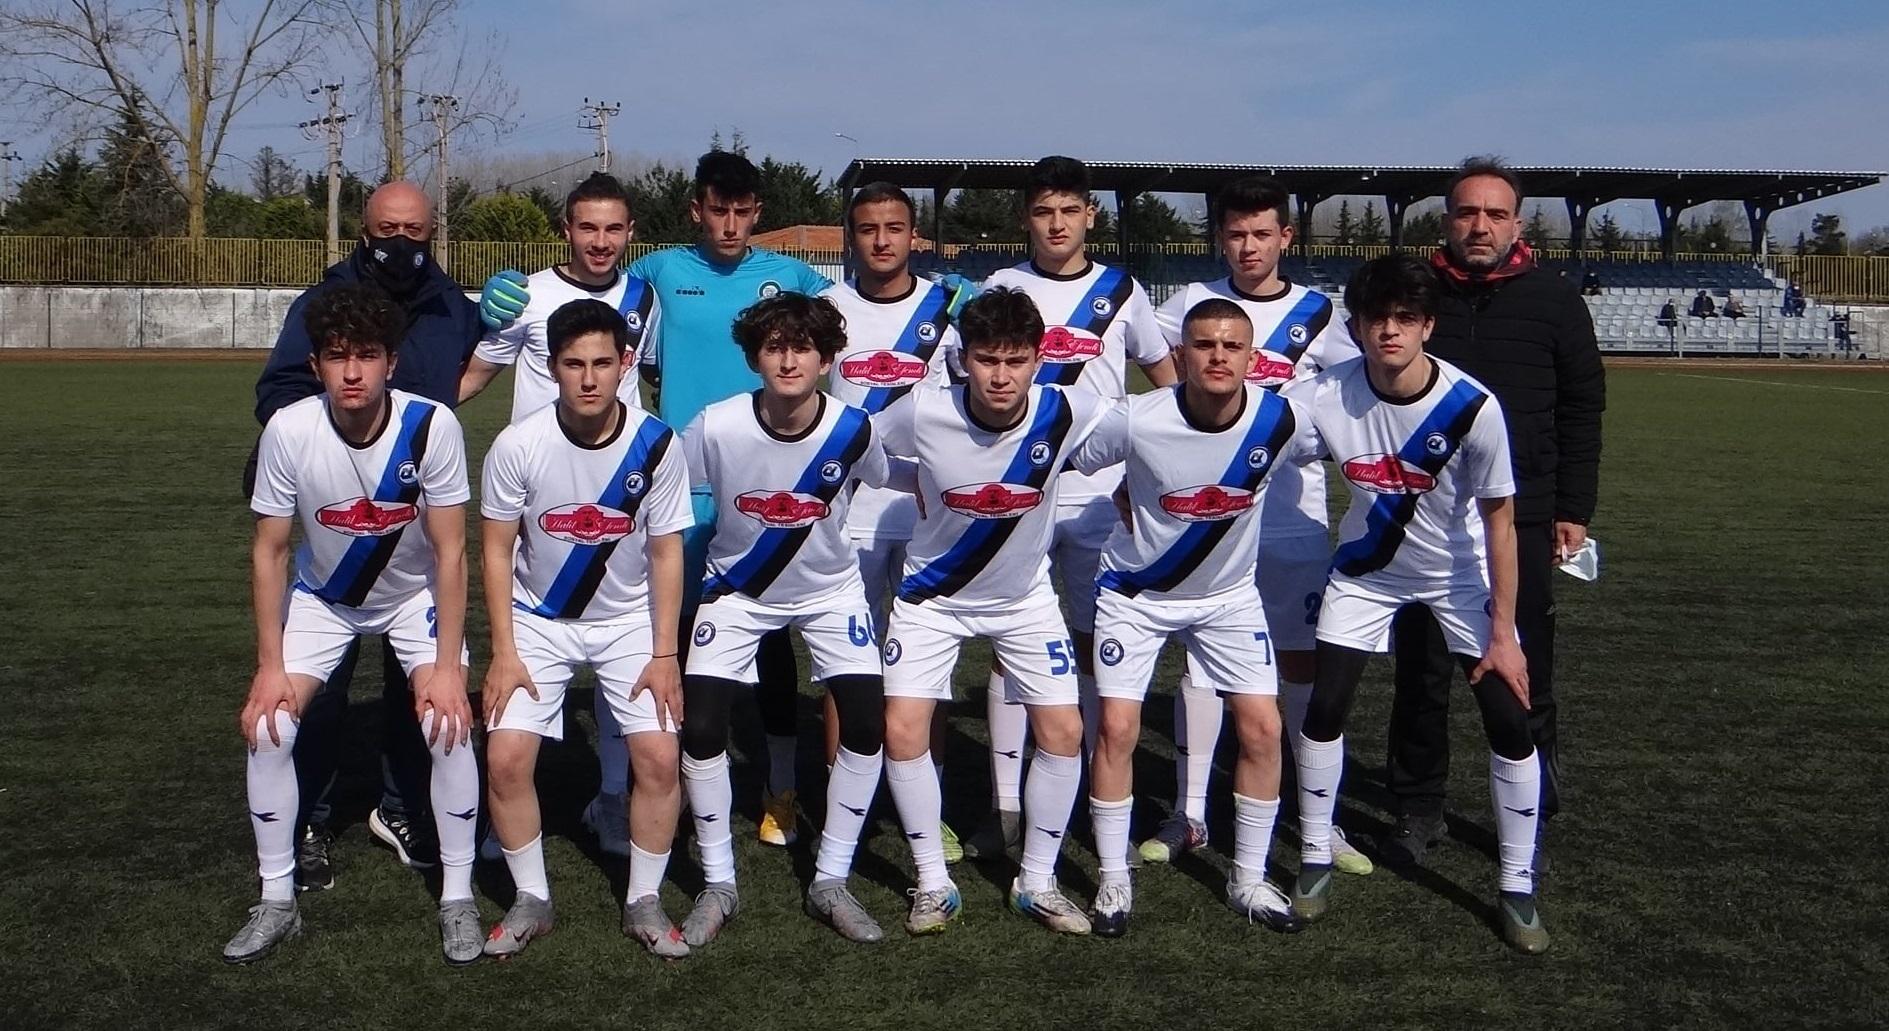 BAL Lig'i ekibi Evcispor ile hazırlık maçında karşı karşıya geldik! 2-2